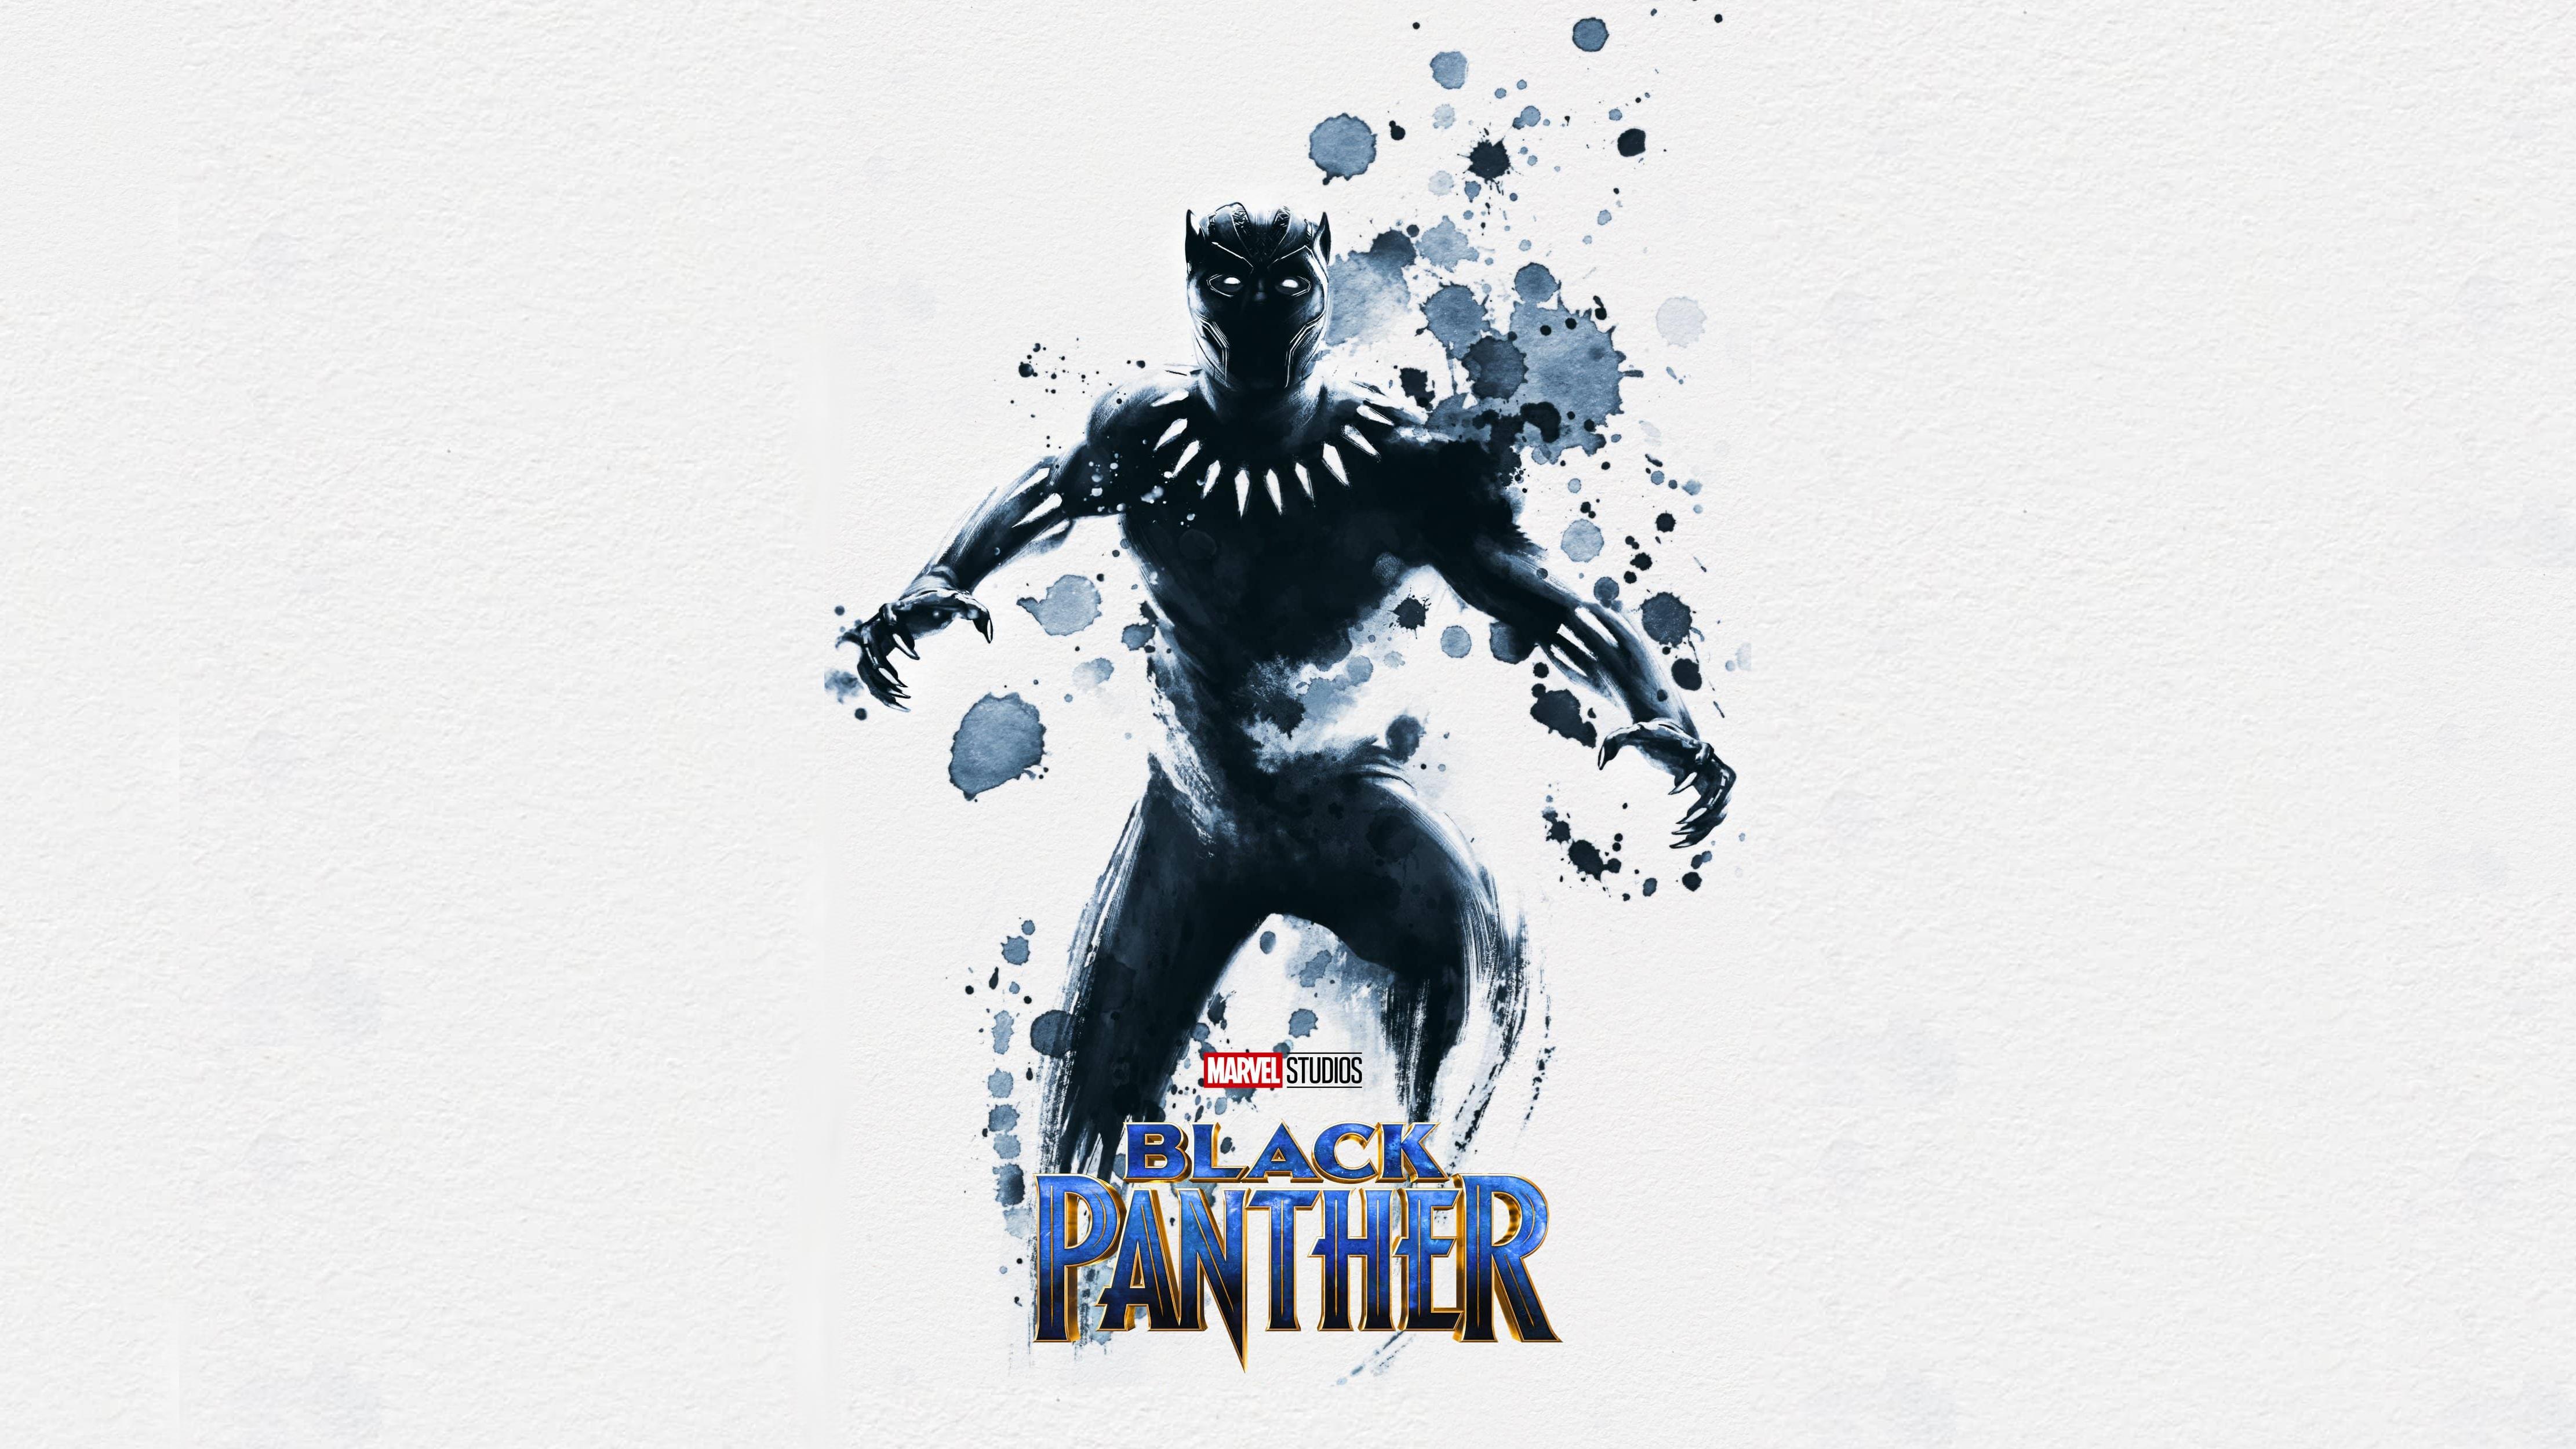 4444x2500 Black Panther Watercolors Myconfinedspace